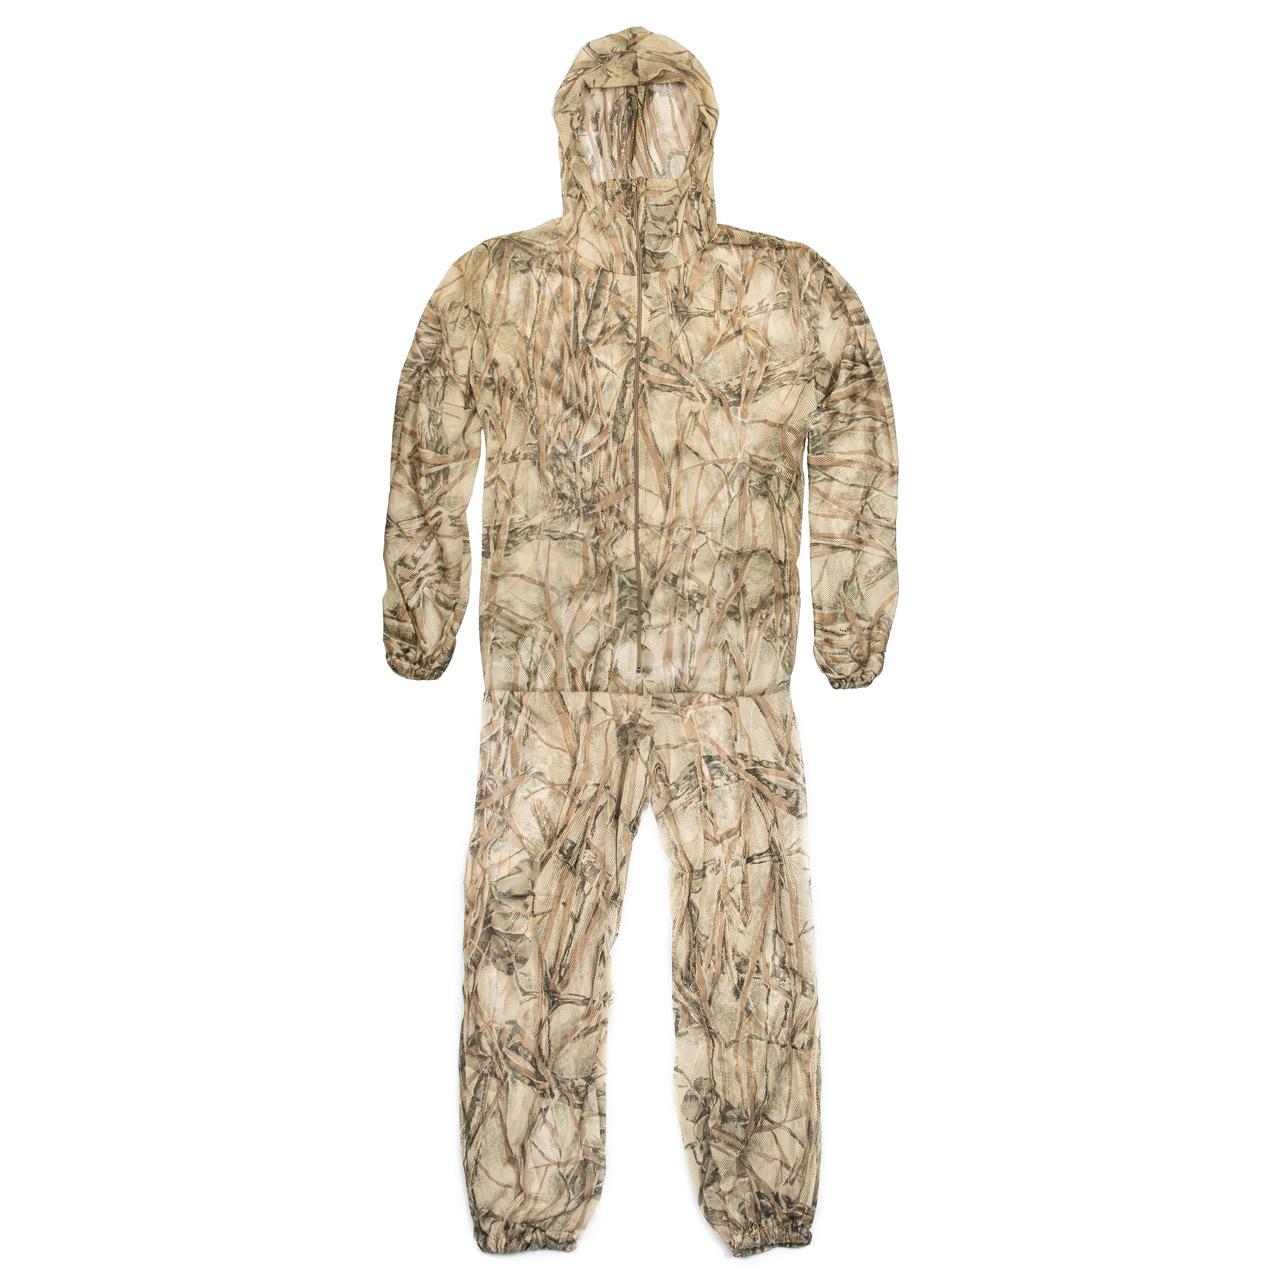 Фото № 3 Маскировочный костюм К-130 - купить по доступным ценам